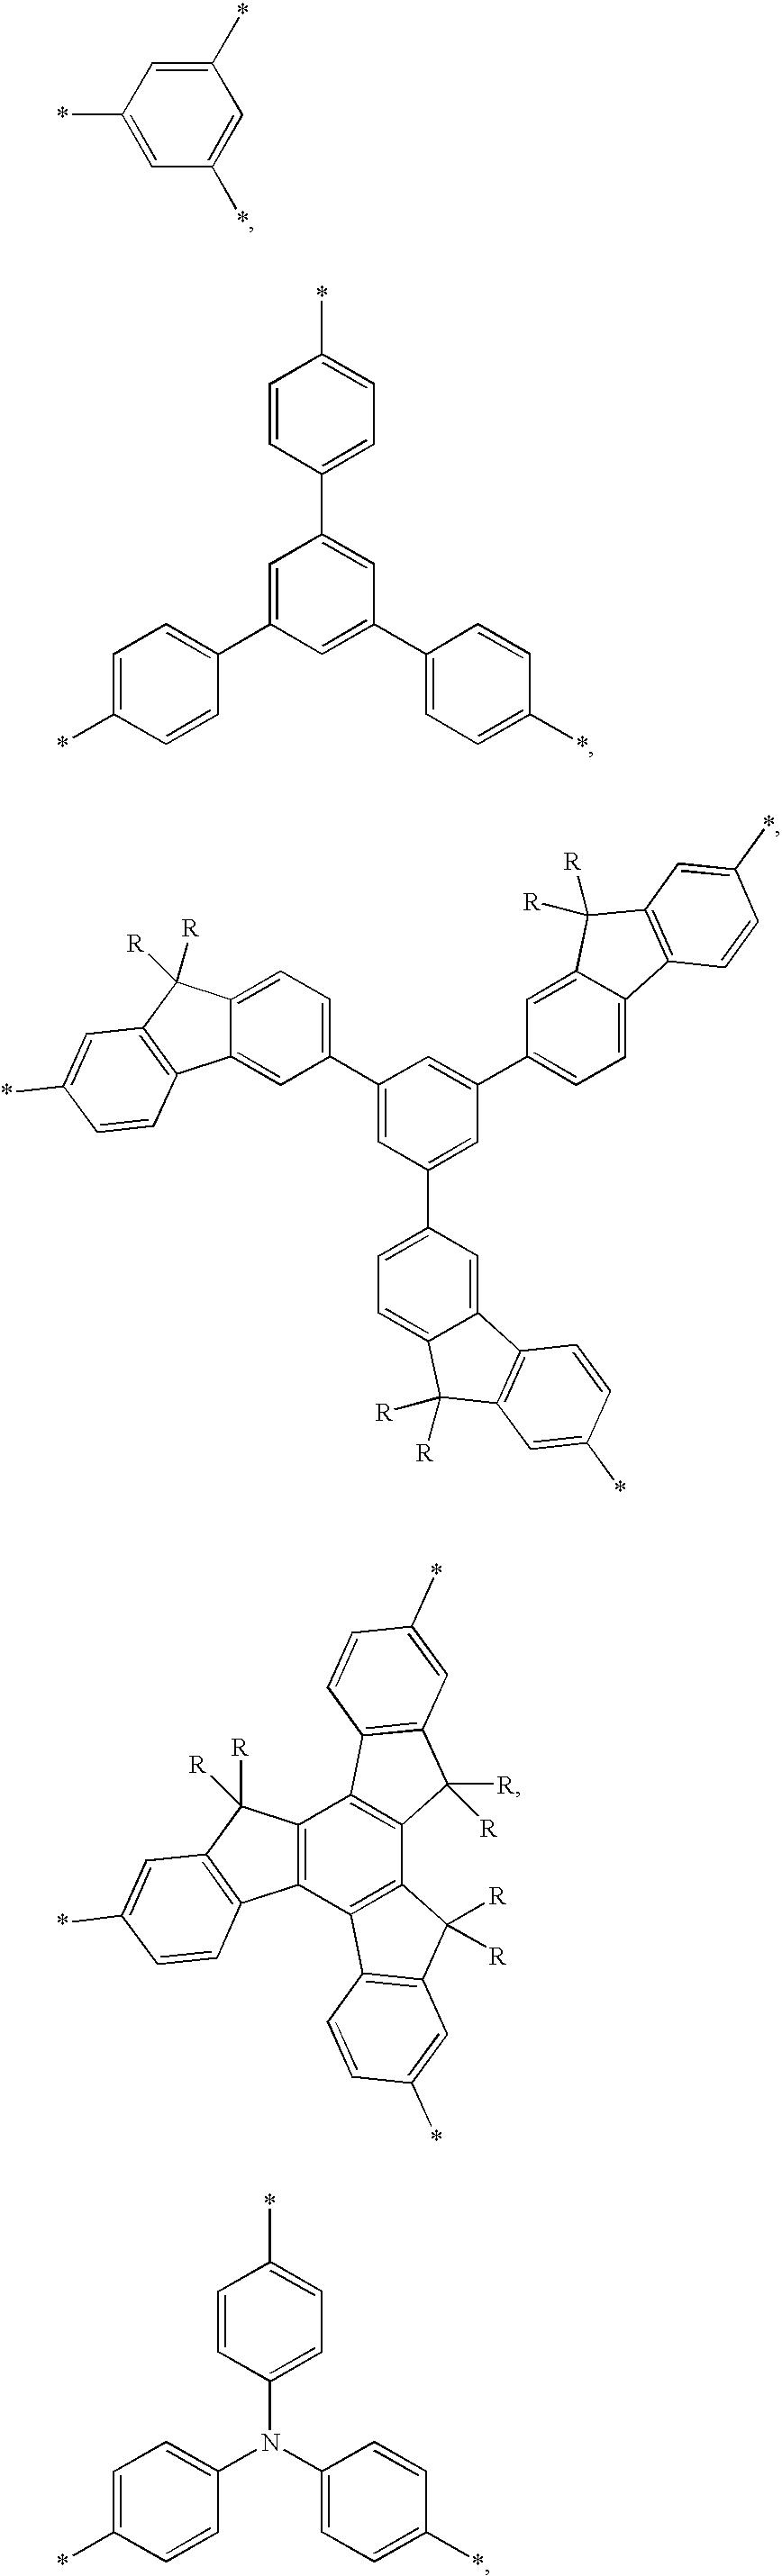 Figure US20070107835A1-20070517-C00017